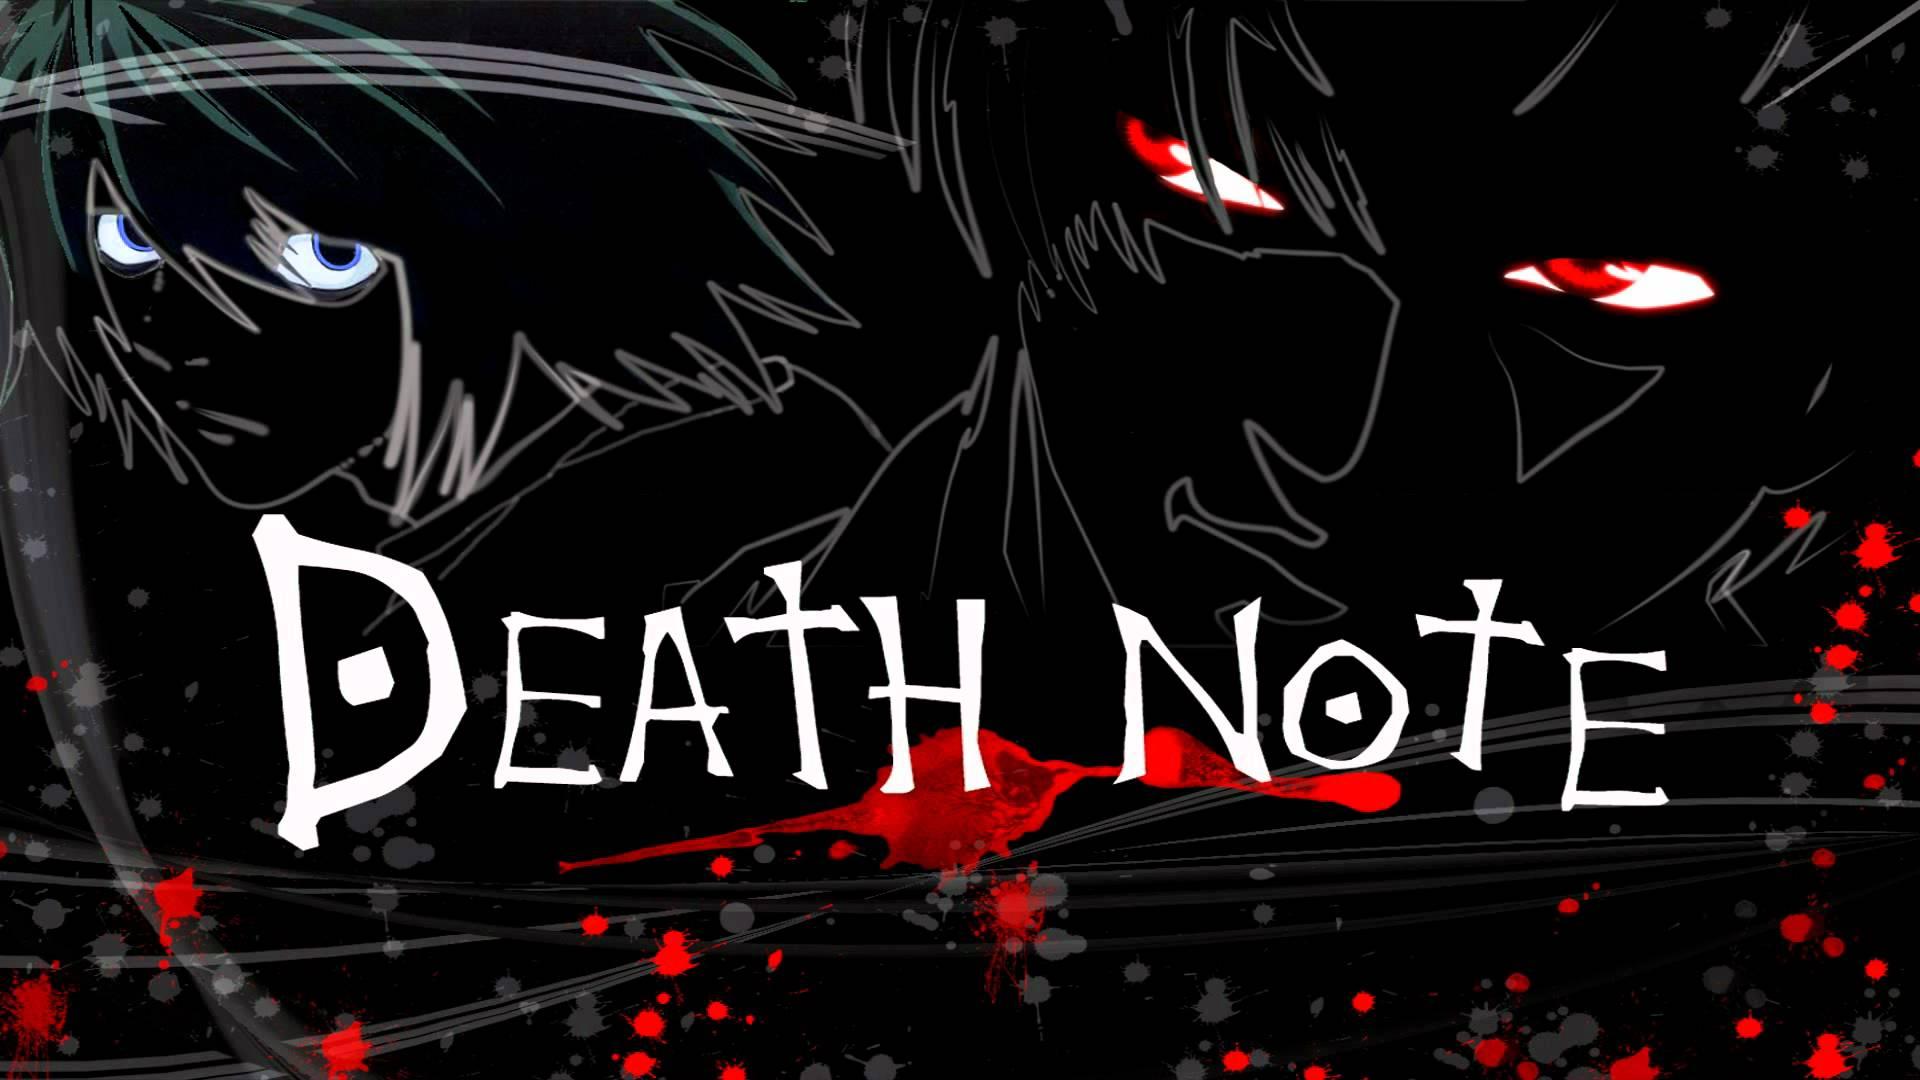 1920x1080 Death Note hình nền 15